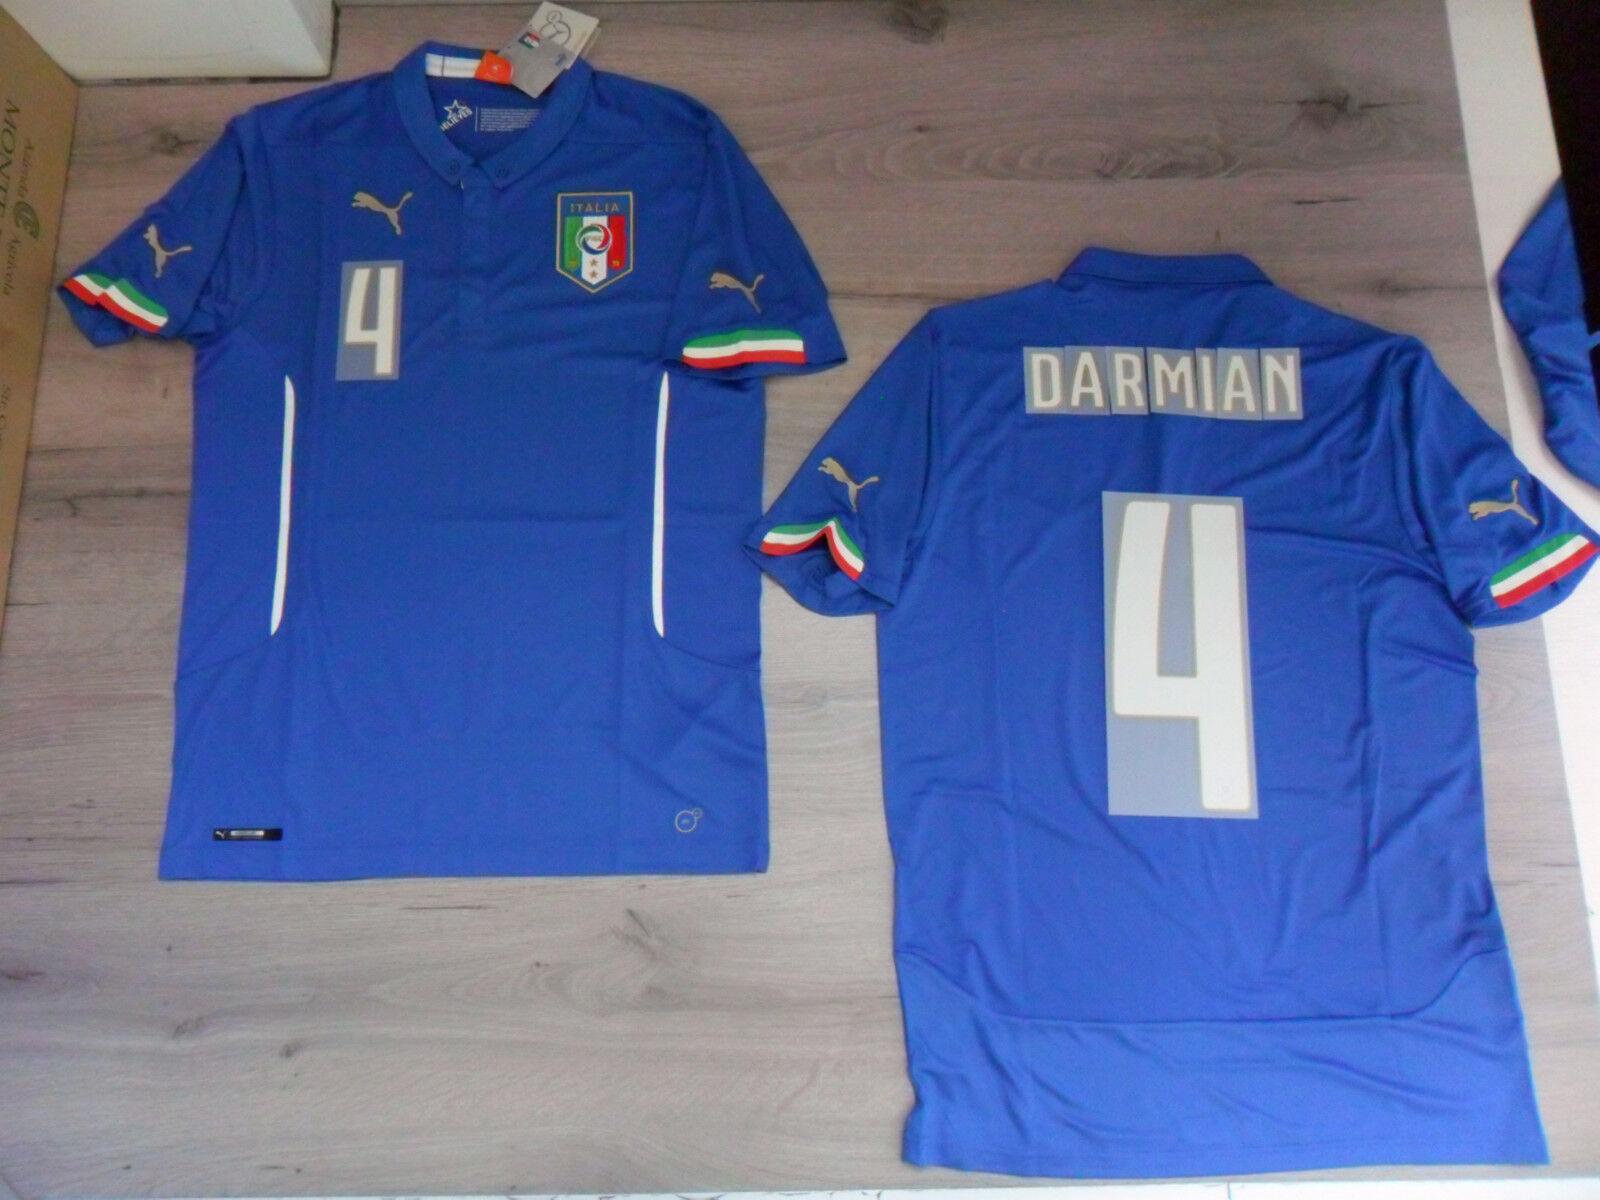 FW14 PUMA XL HOME ITALIEN 4 DARMIAN T-SHIRT WELT TRIKOT JERSEY  | Wir haben von unseren Kunden Lob erhalten.